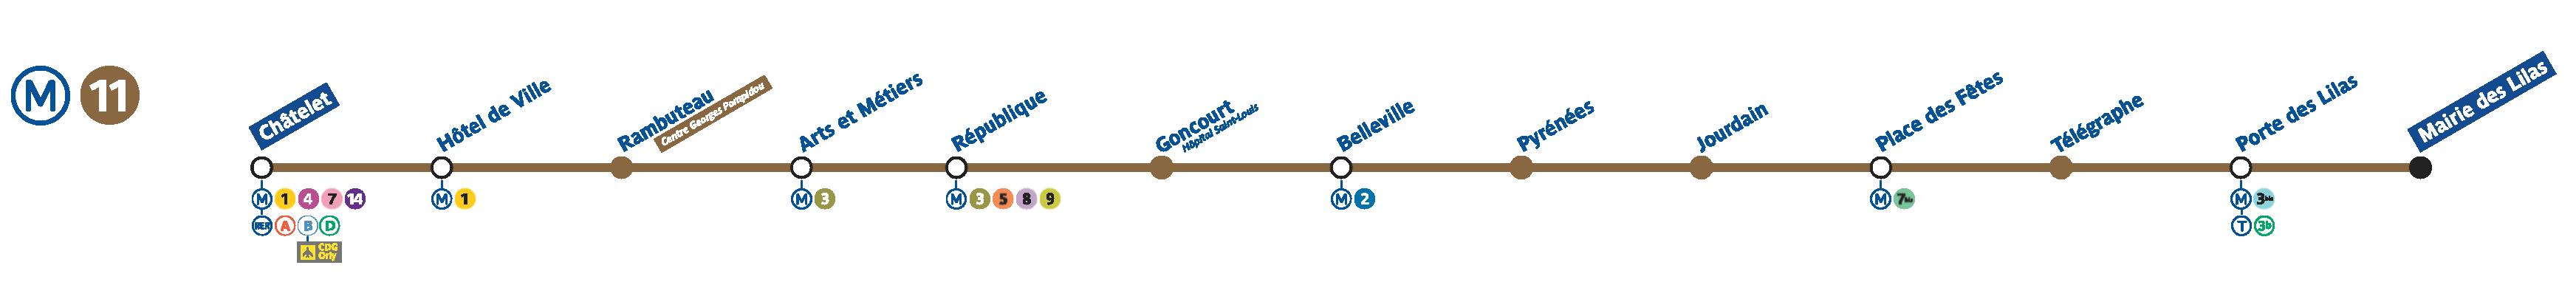 paris metro line 11